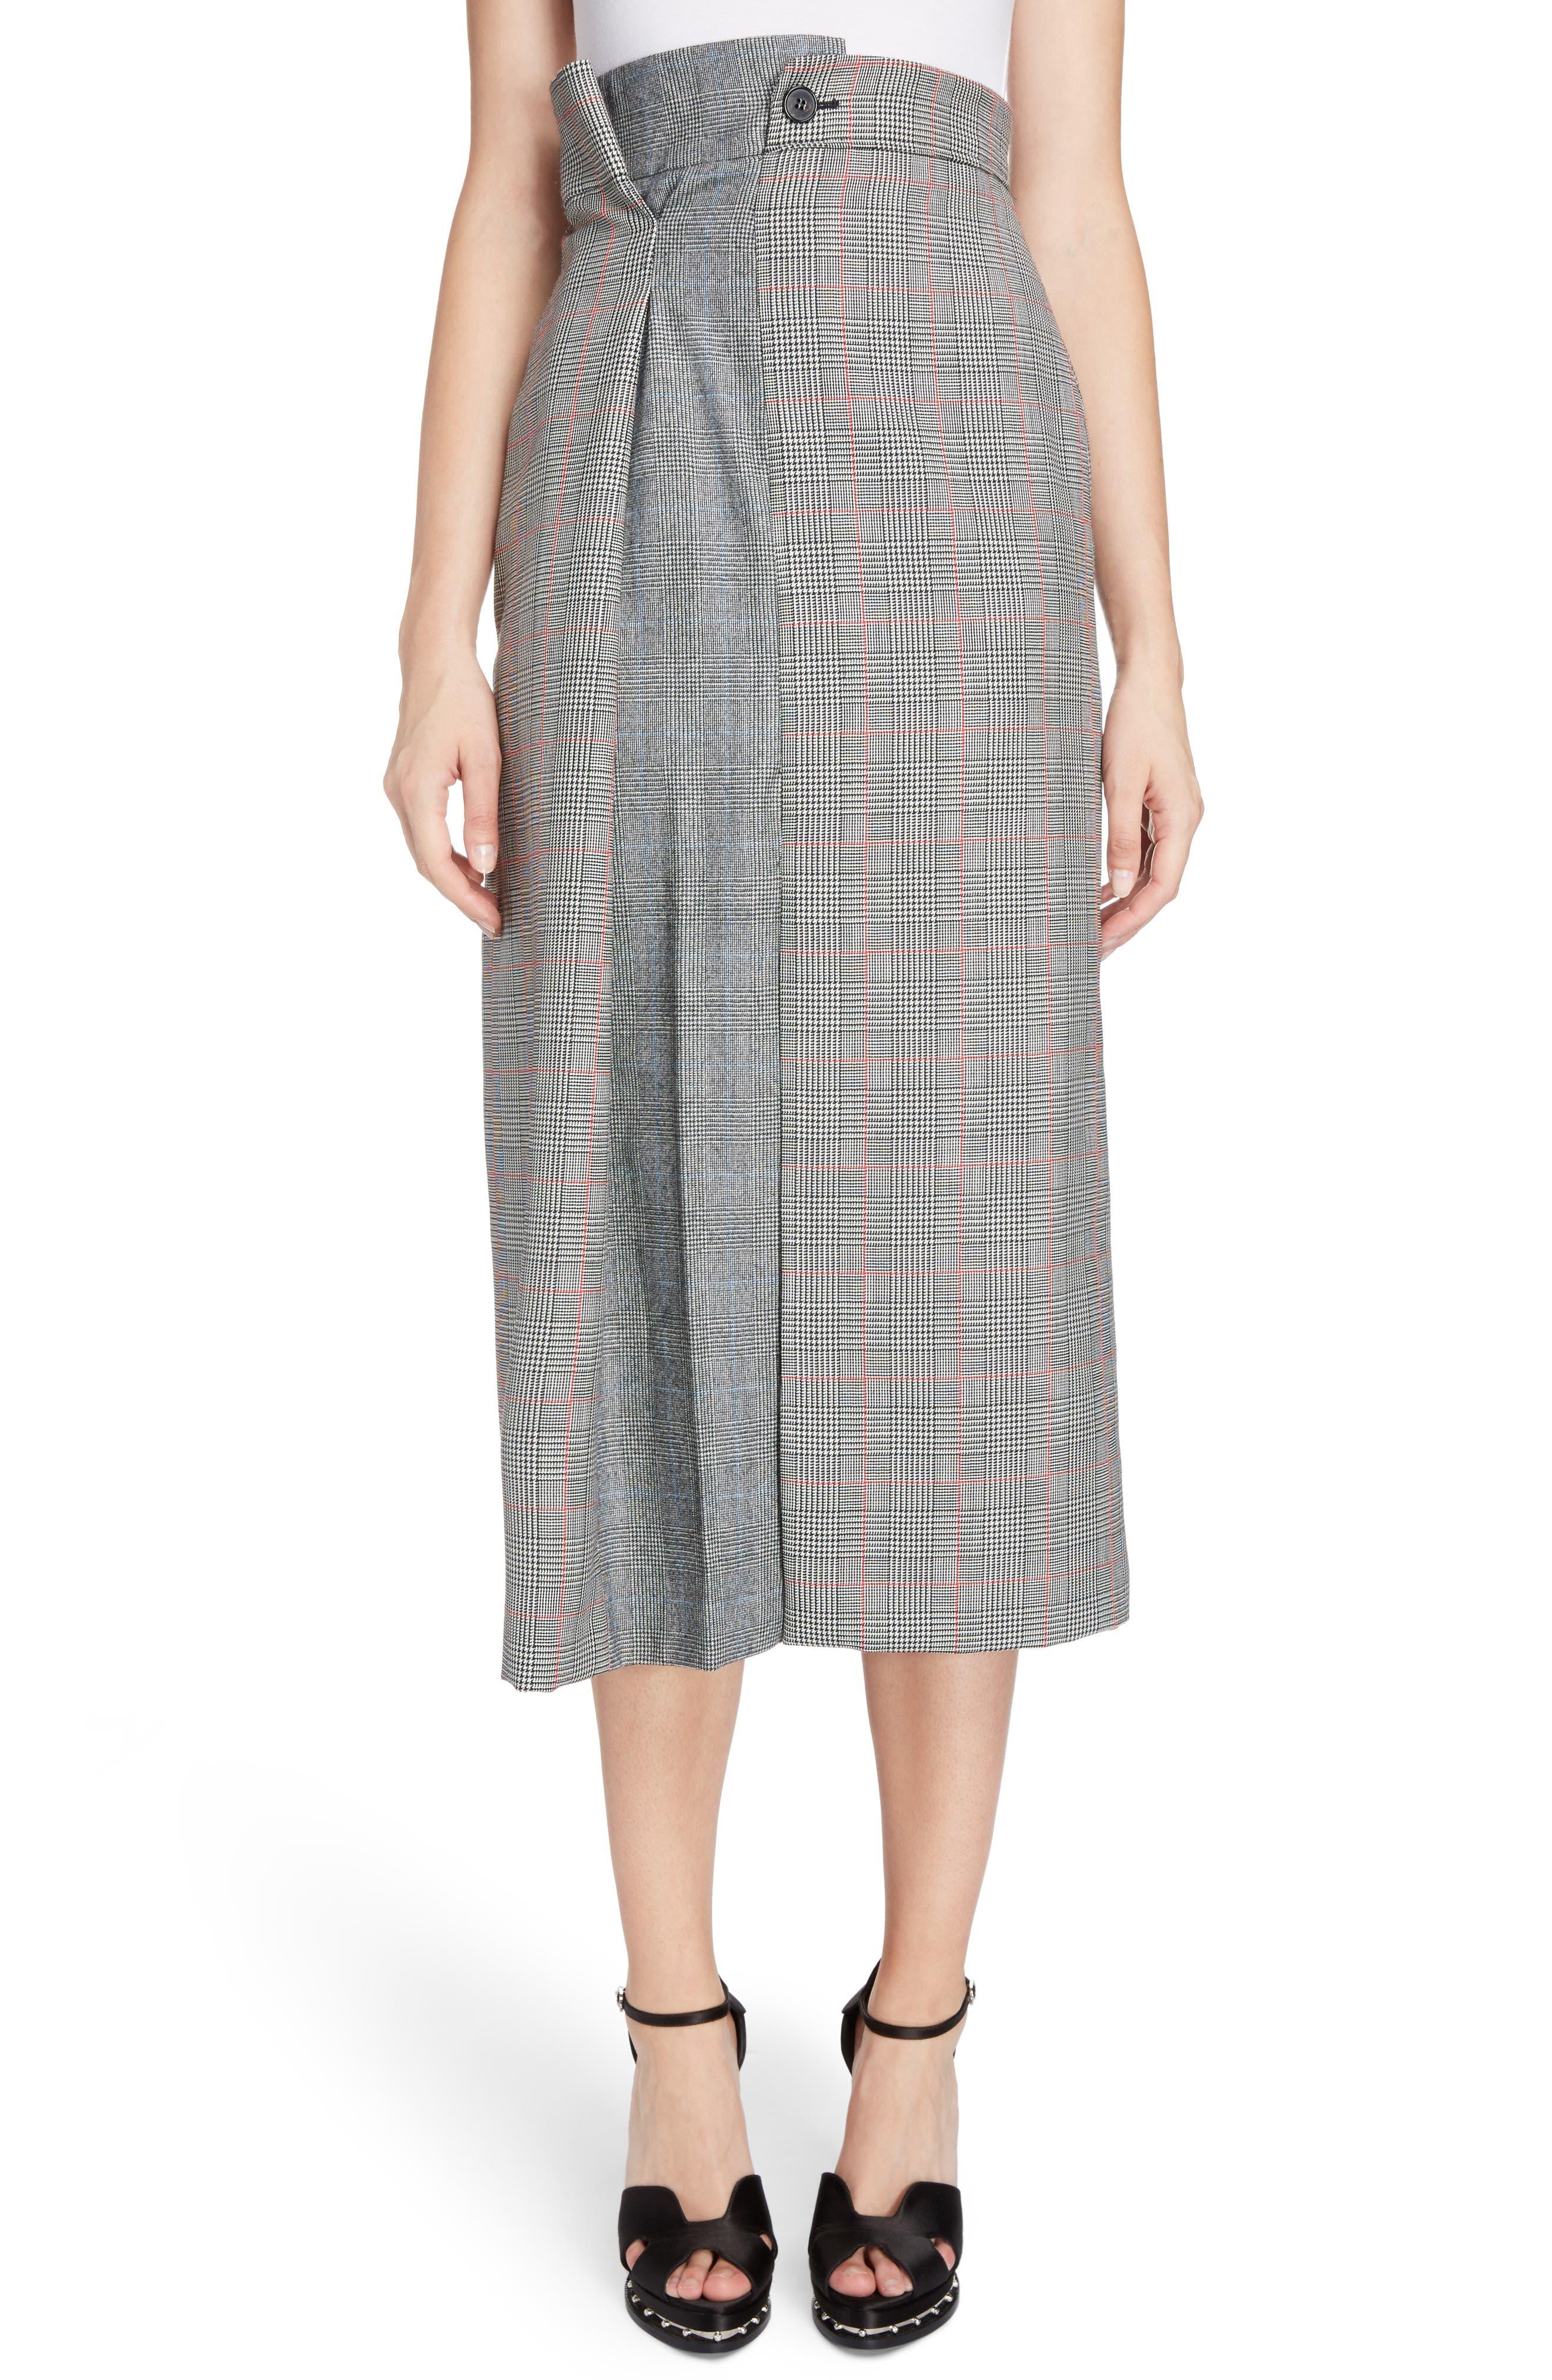 Prince of Wales Check Midi Skirt,                         Main,                         color, 086